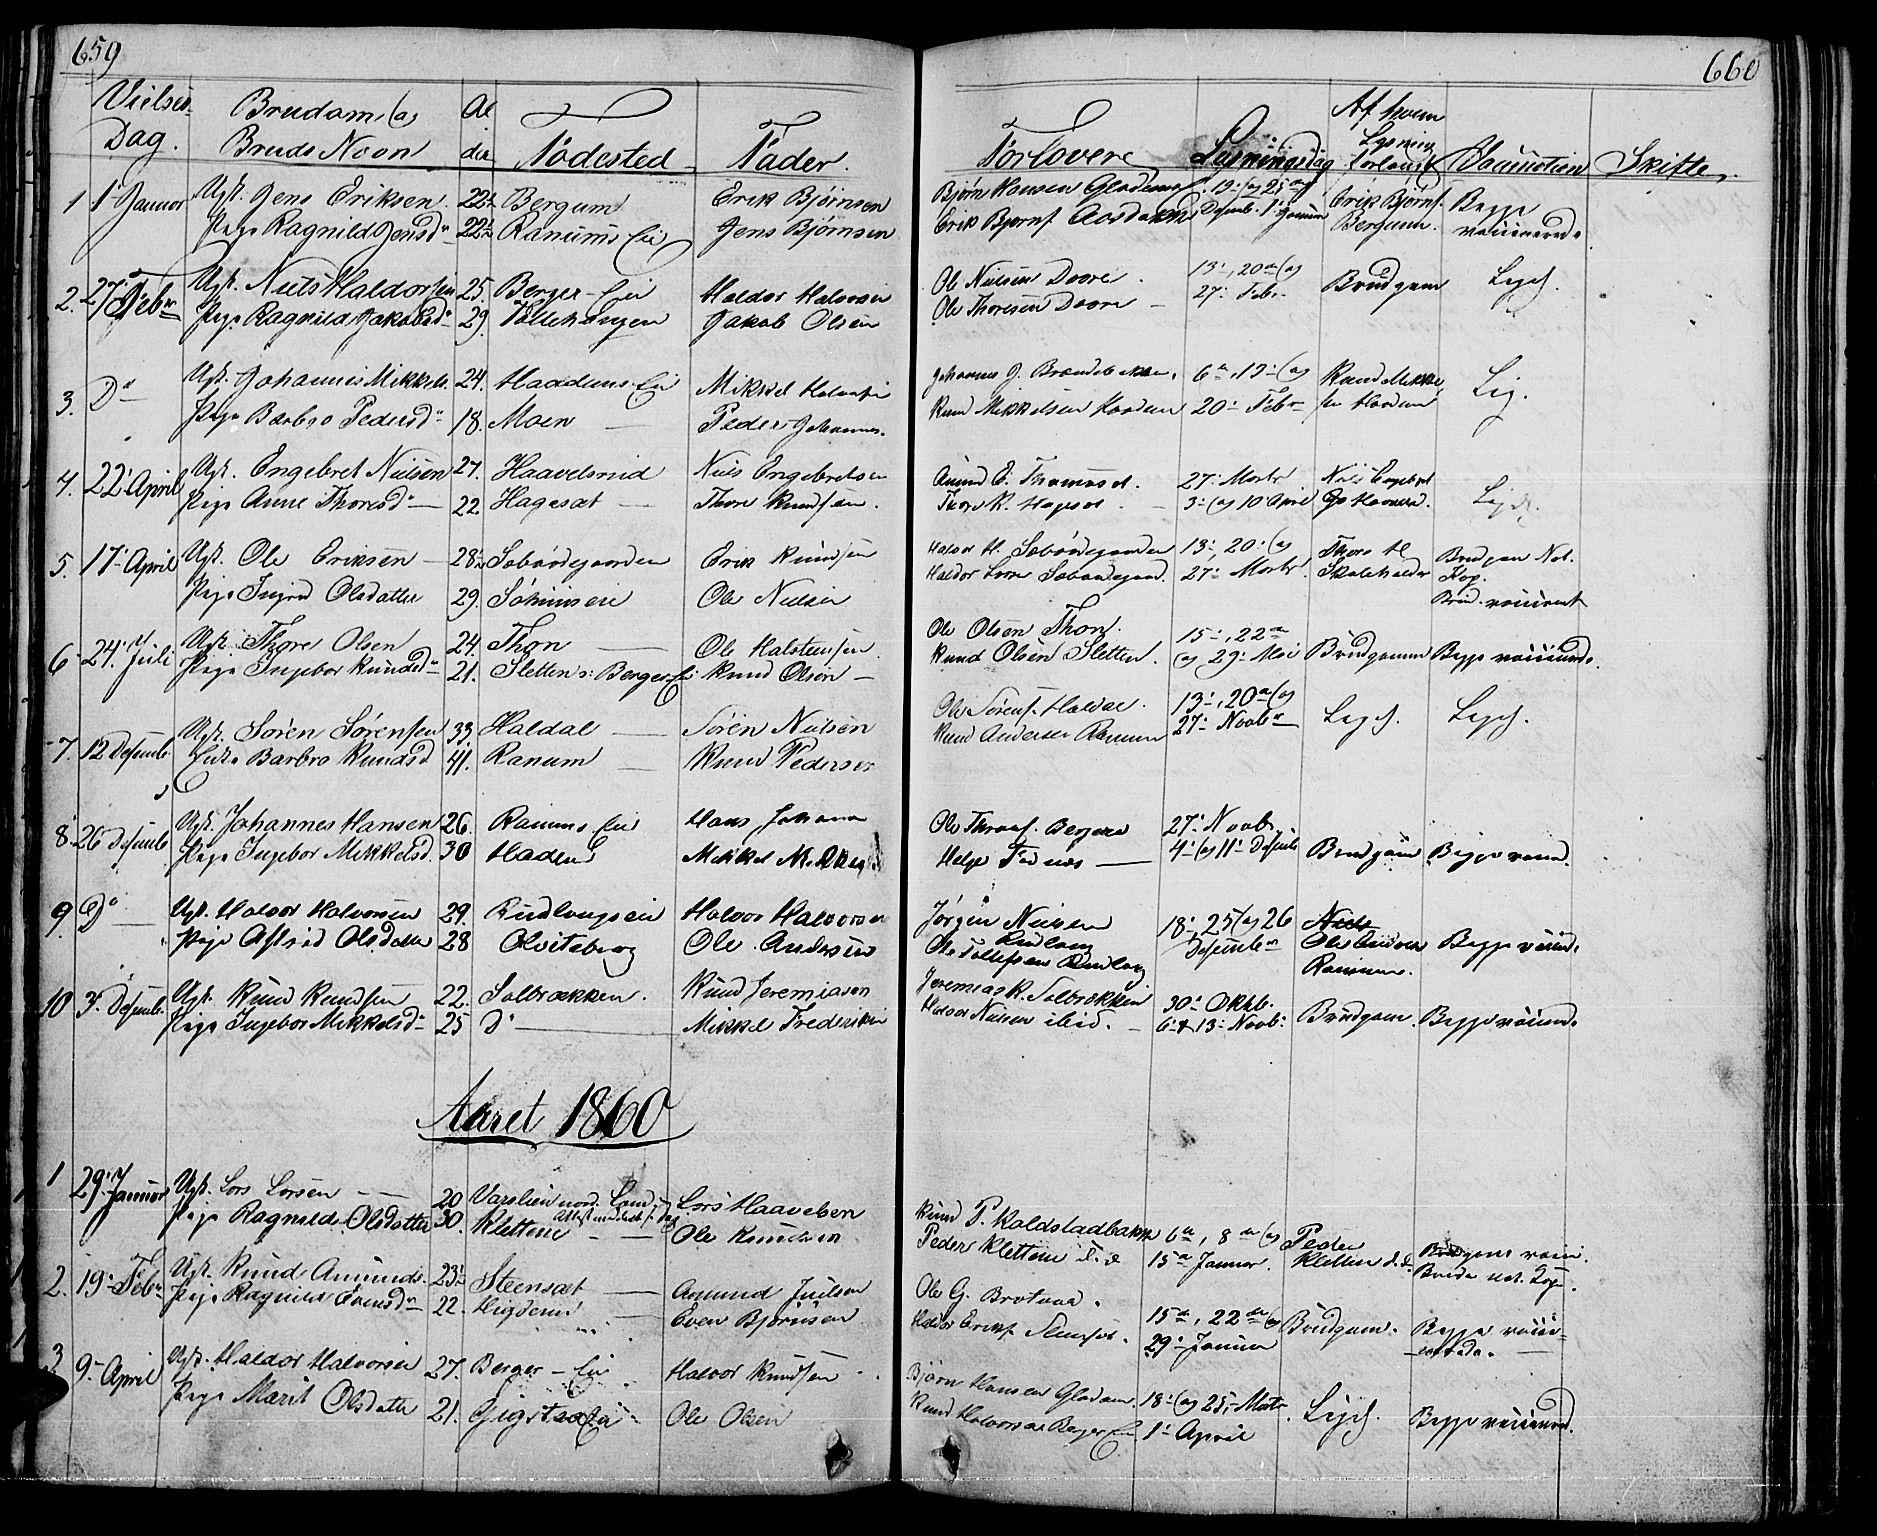 SAH, Nord-Aurdal prestekontor, Klokkerbok nr. 1, 1834-1887, s. 659-660